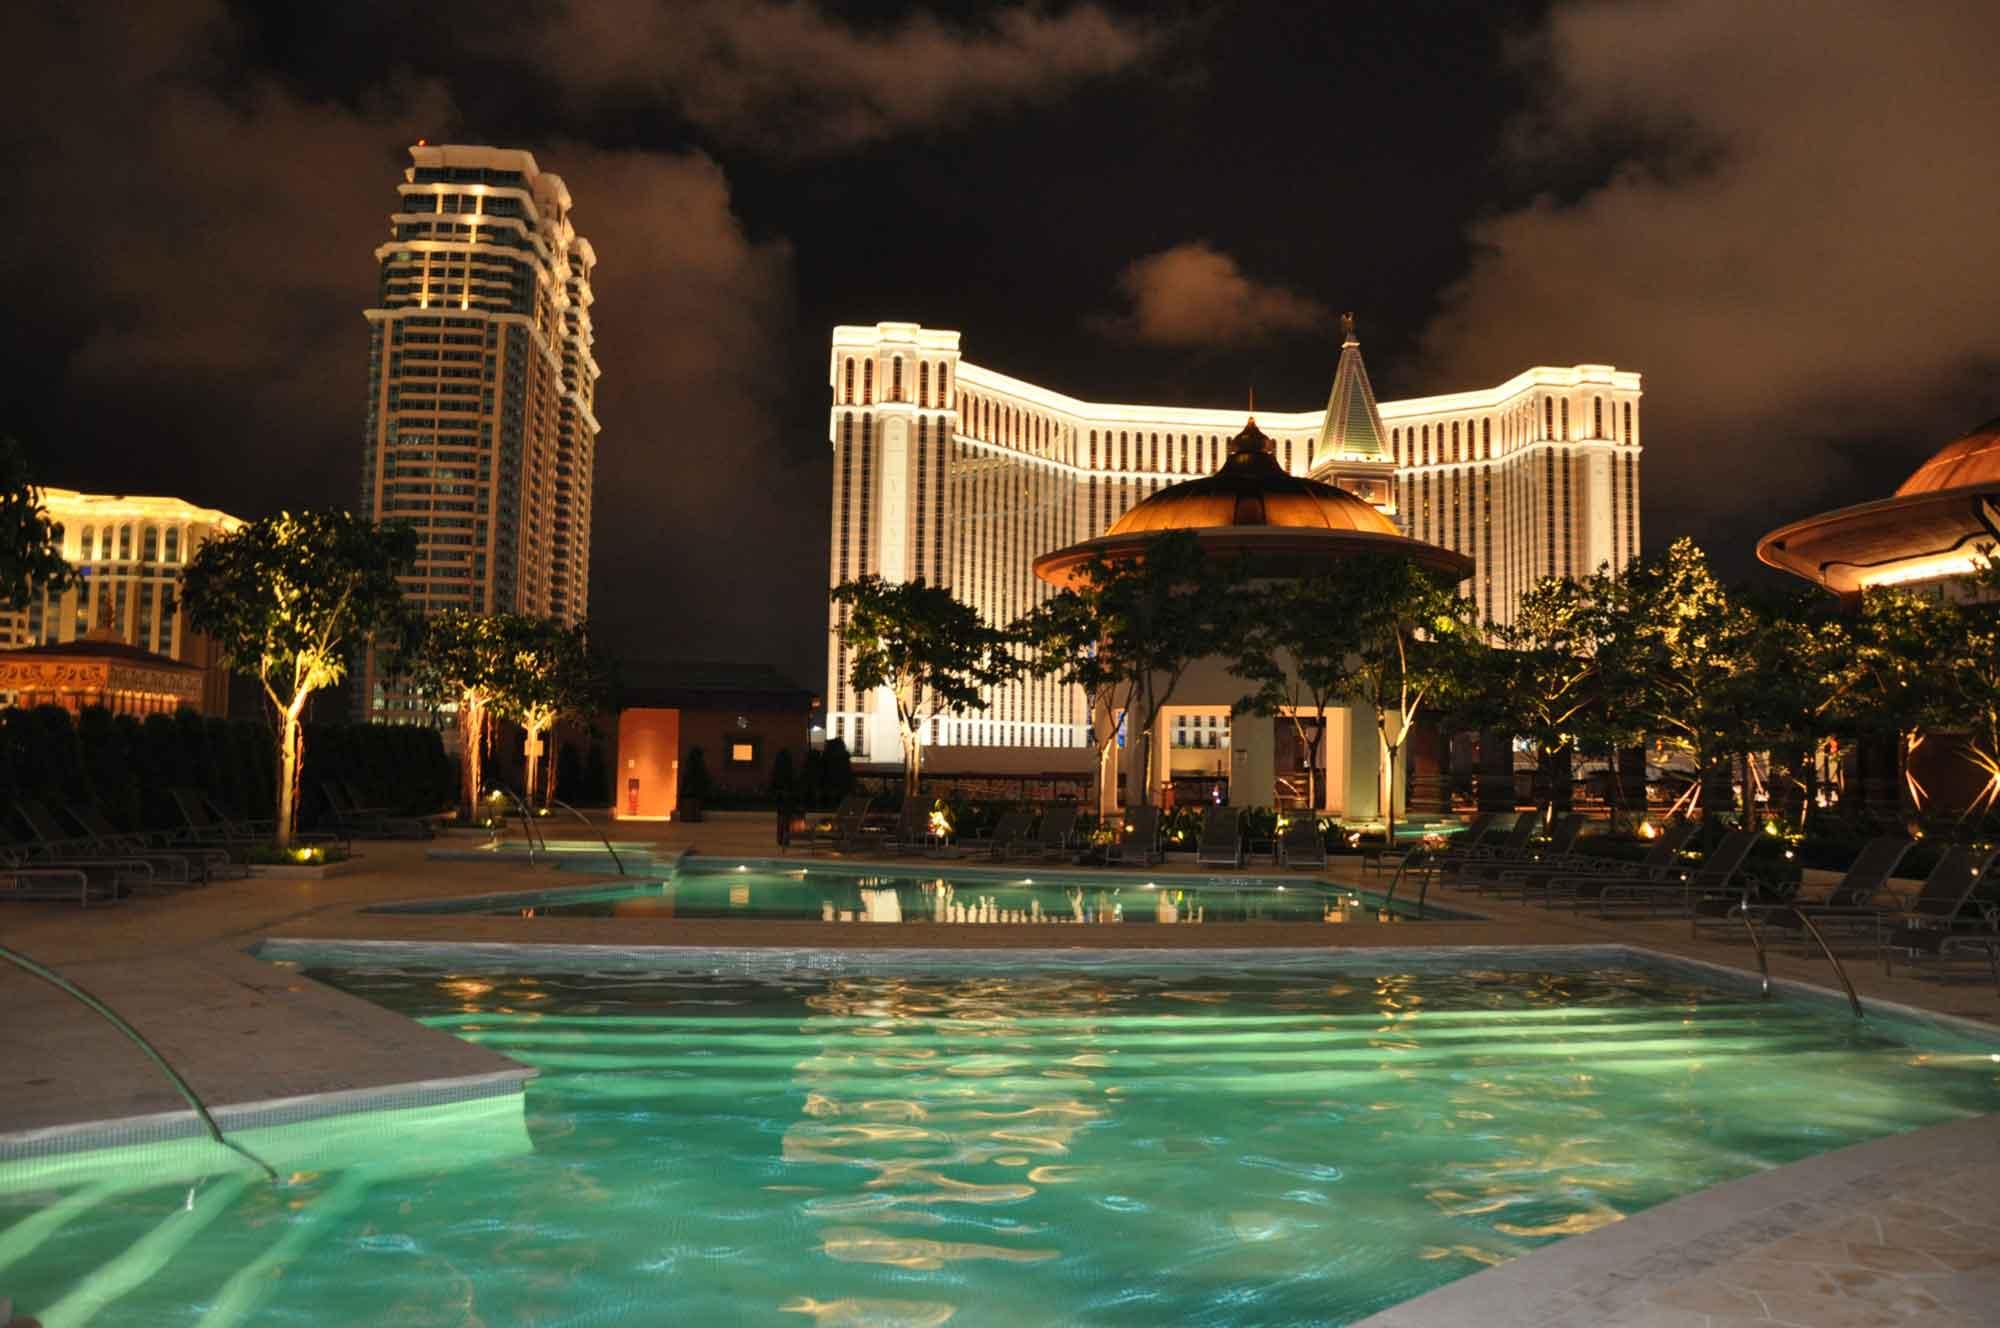 Holiday Inn Pools